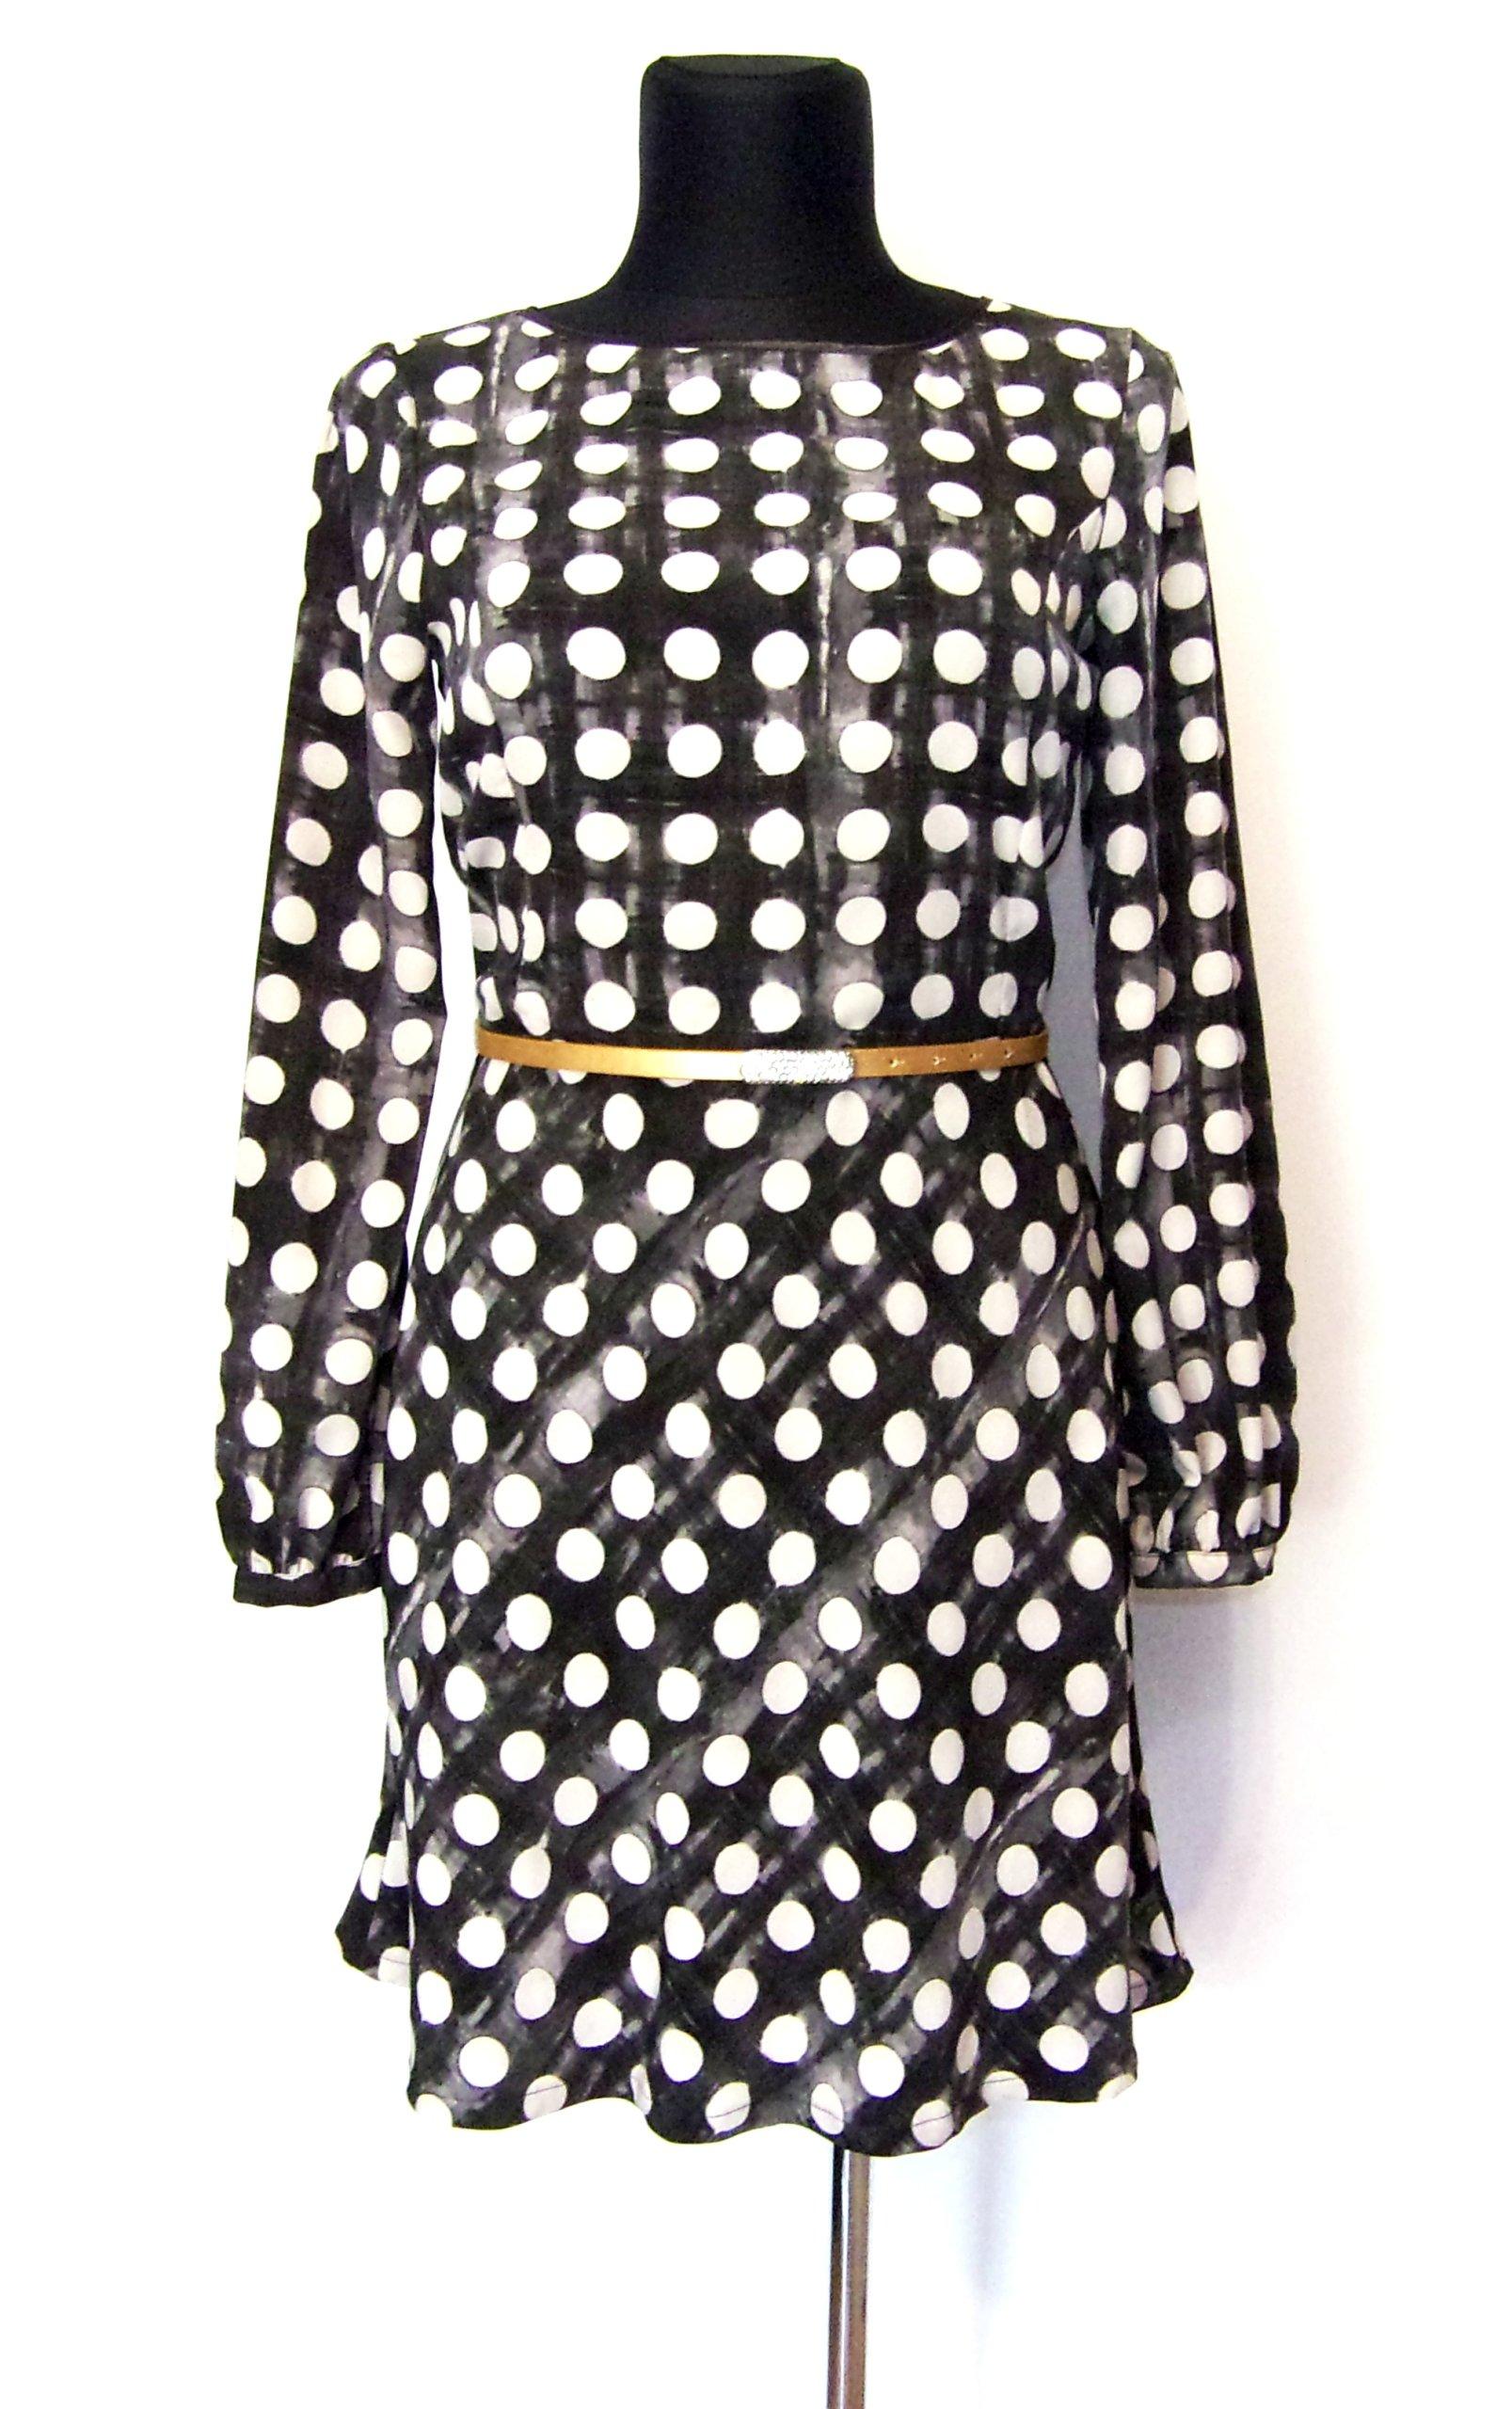 c71ef08d78 SISLEY śliczna sukienka w grochy 40 42 - 7352580788 - oficjalne archiwum  allegro